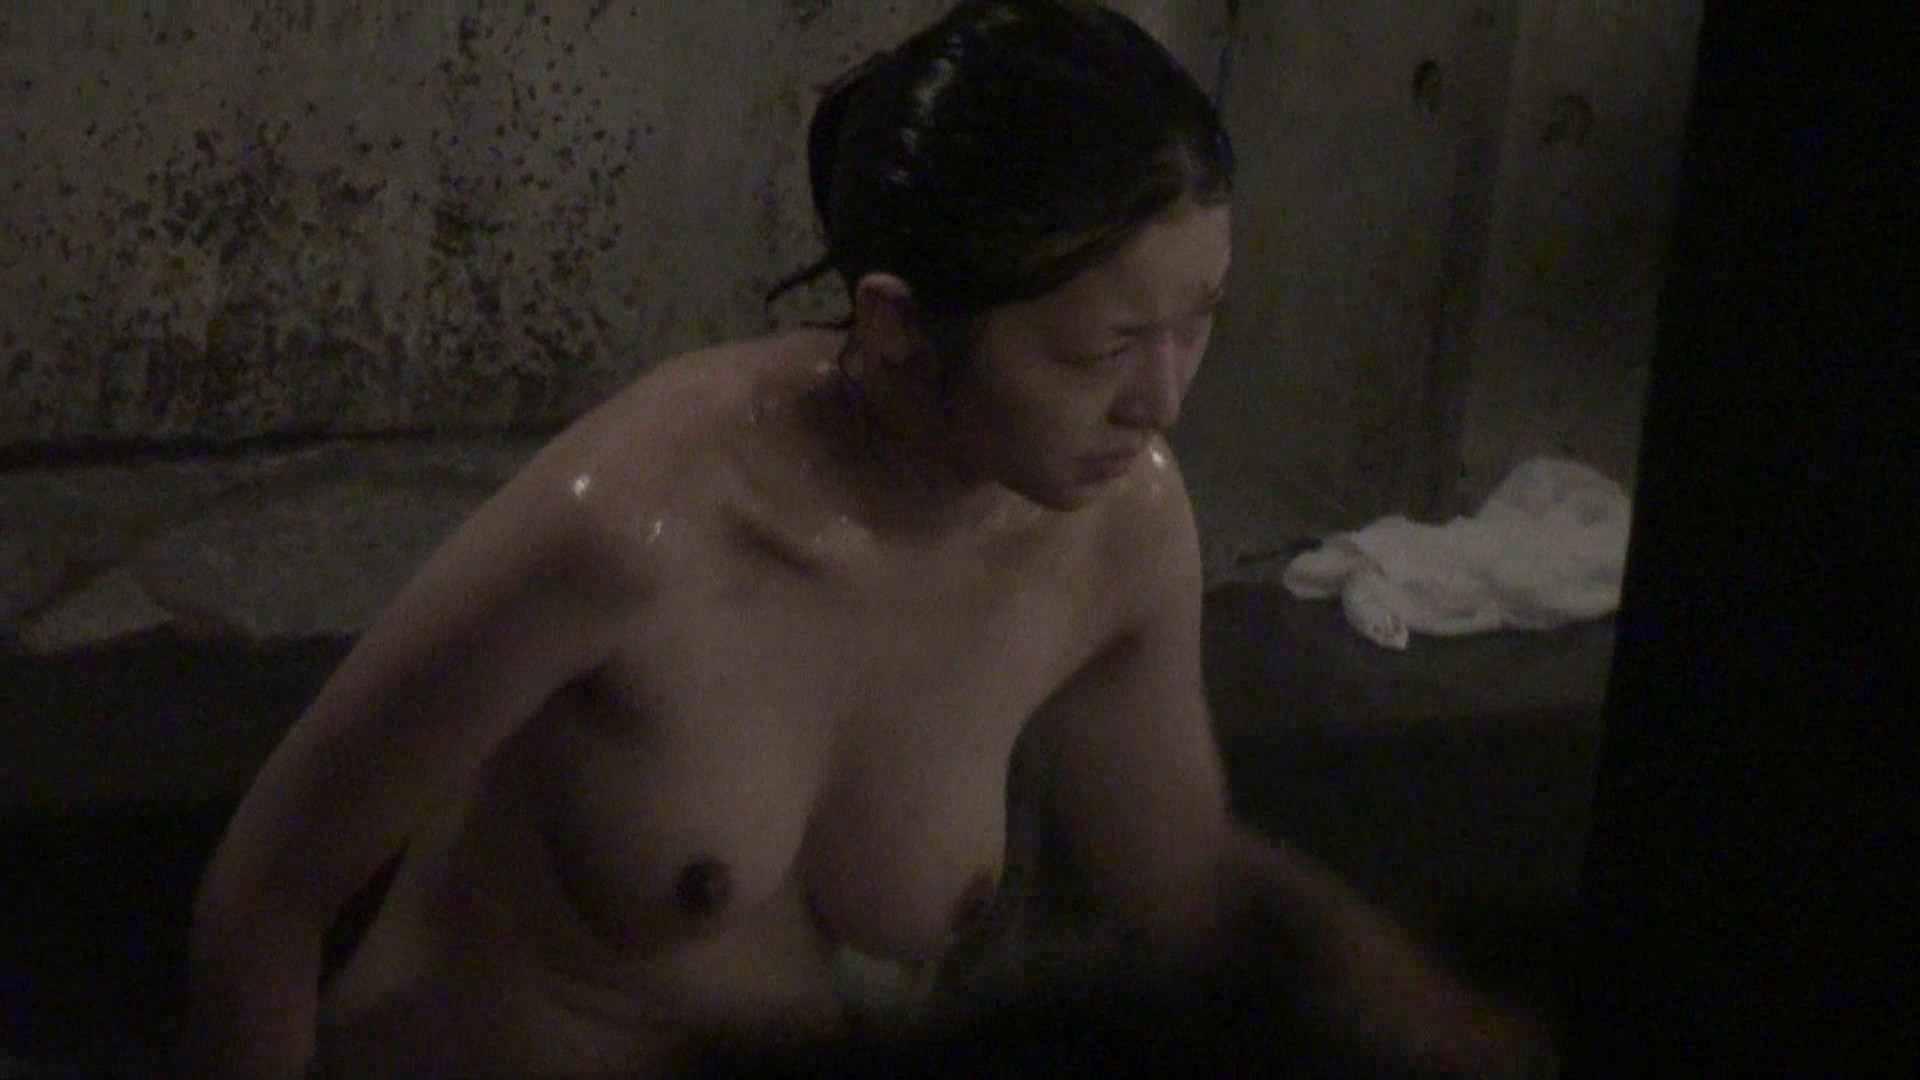 Aquaな露天風呂Vol.328 露天覗き セックス画像 80枚